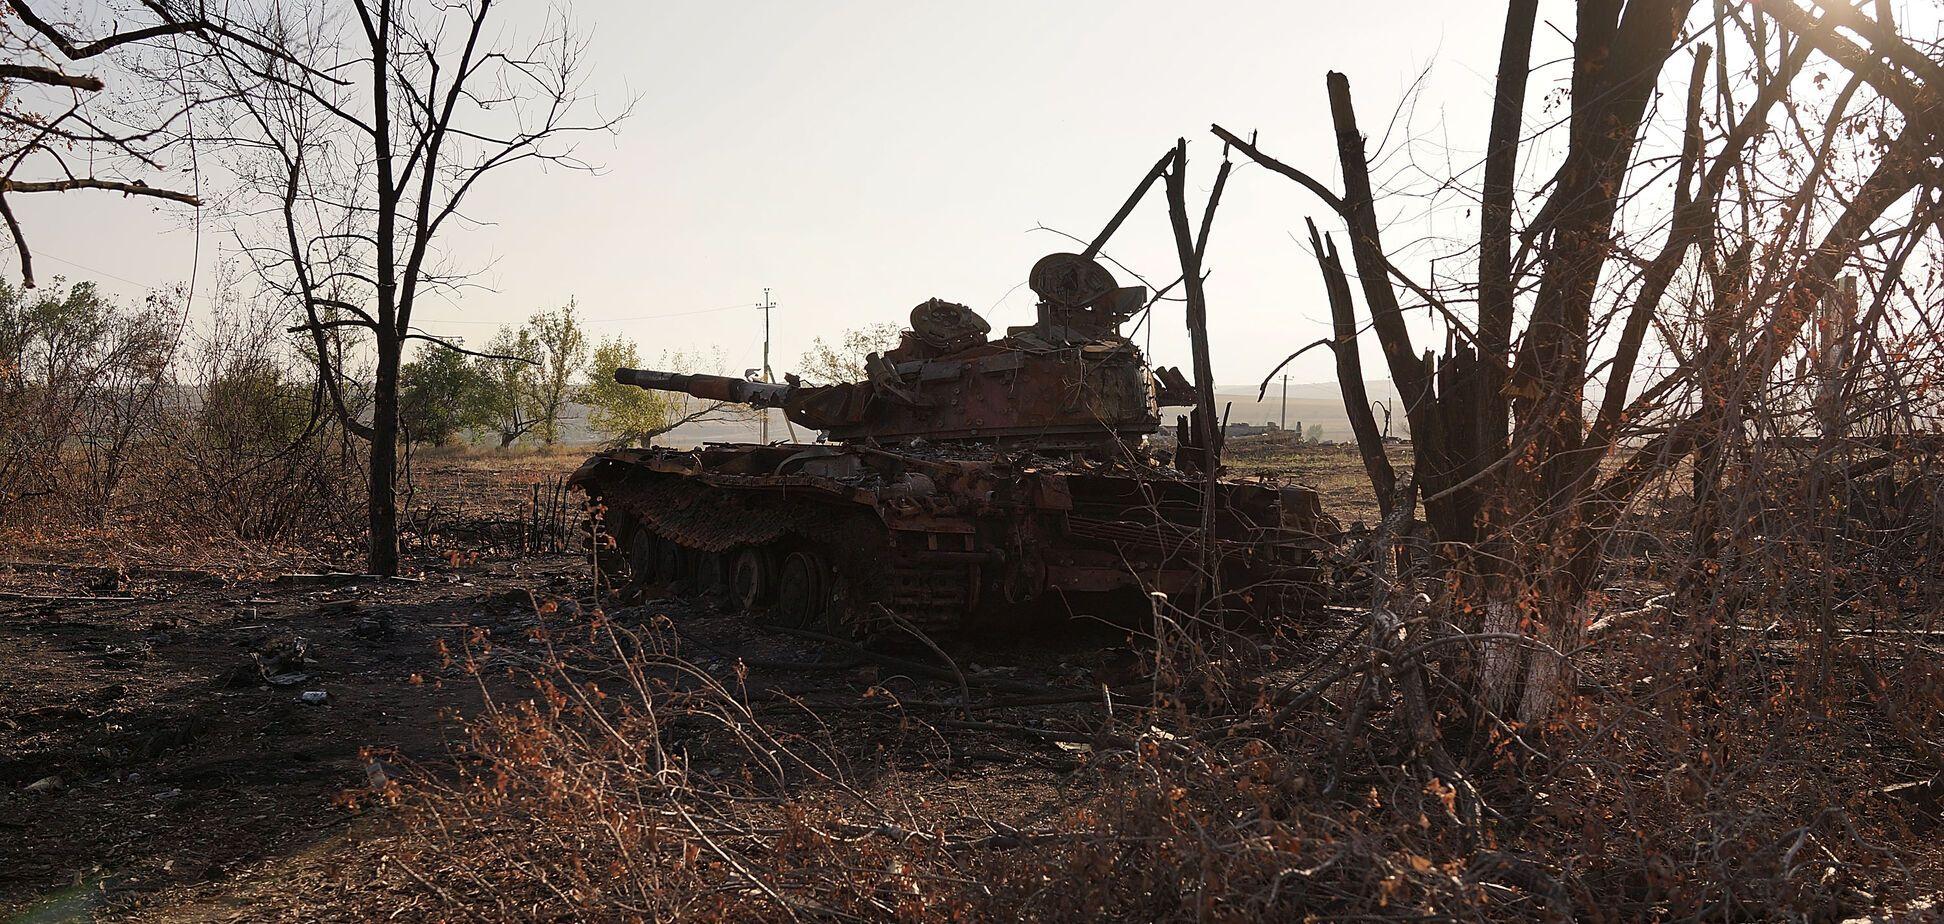 Совершенно секретно: появились детали поставок Украине летального оружия США